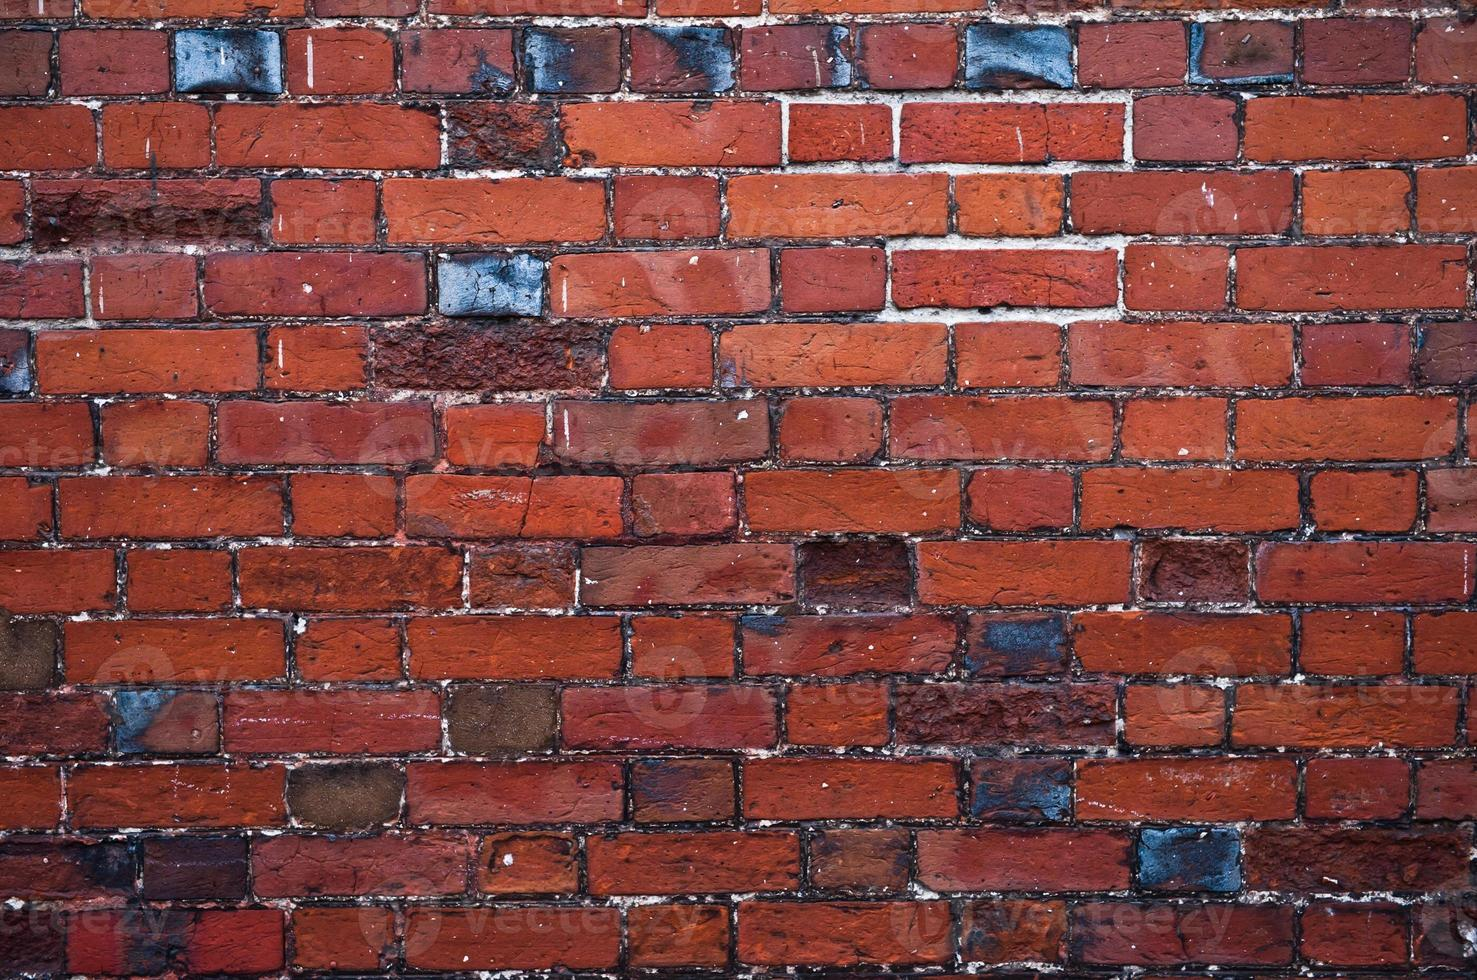 textura de parede de tijolo velha foto